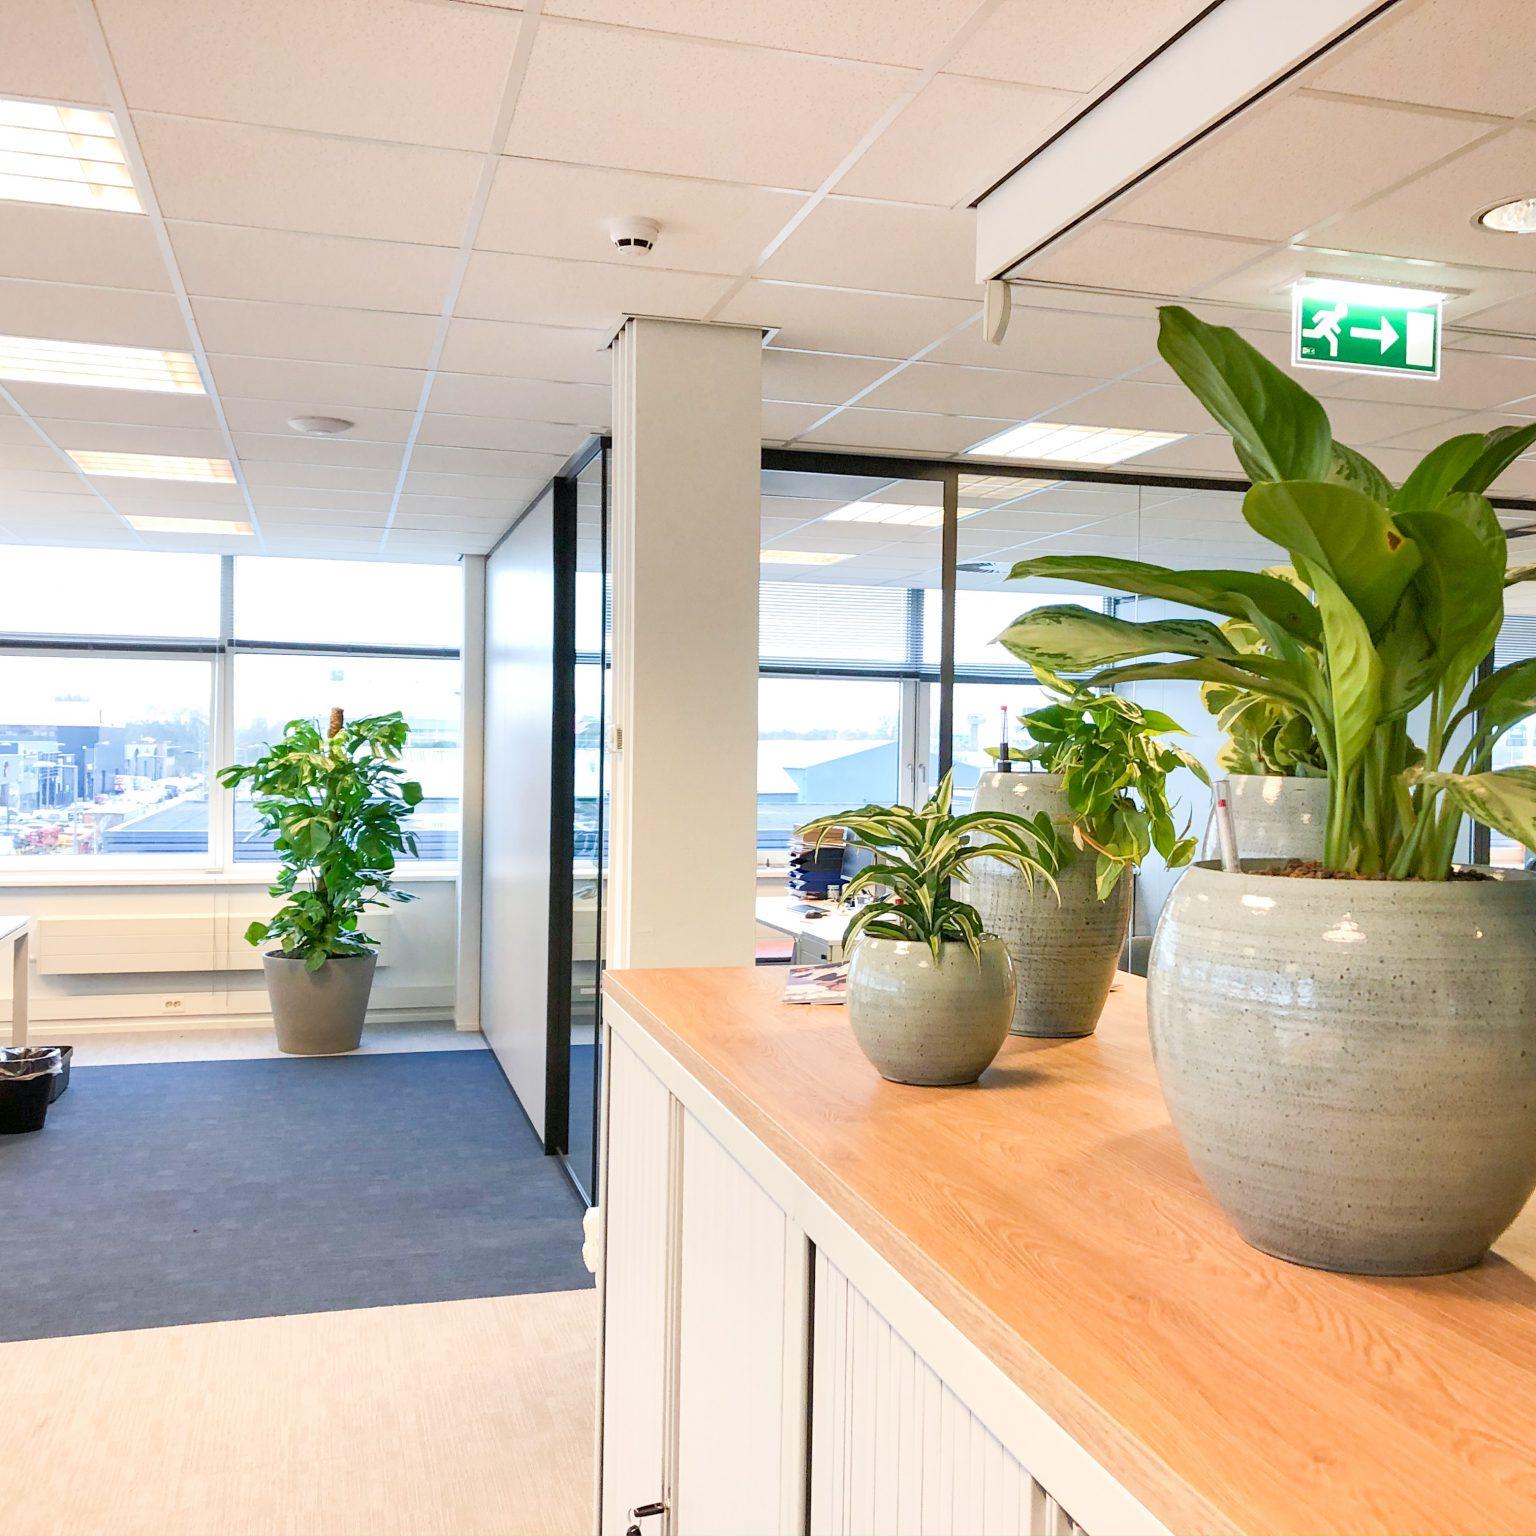 Verschillende planten om te huren of leasen